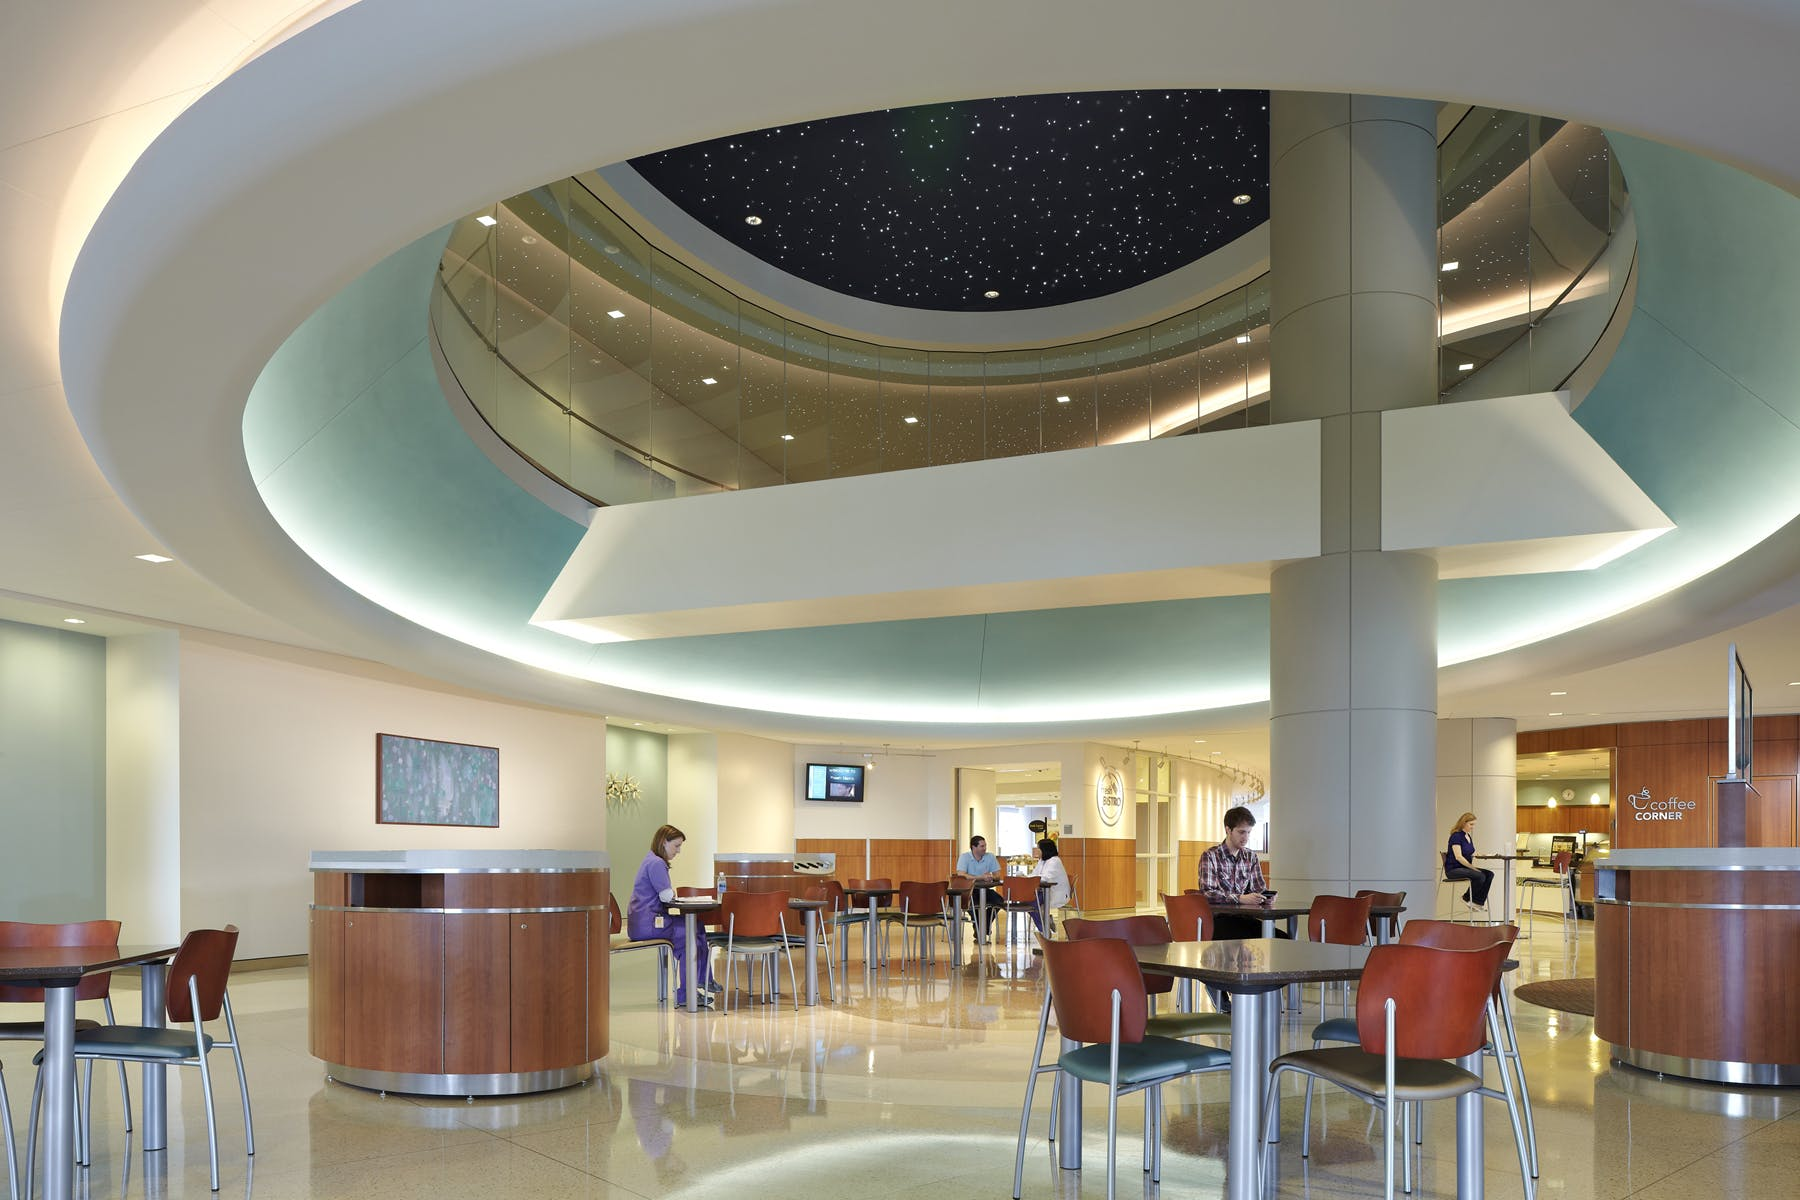 Hospital Corridor Lighting Design: Texas Children's Hospital Pavilion For Women